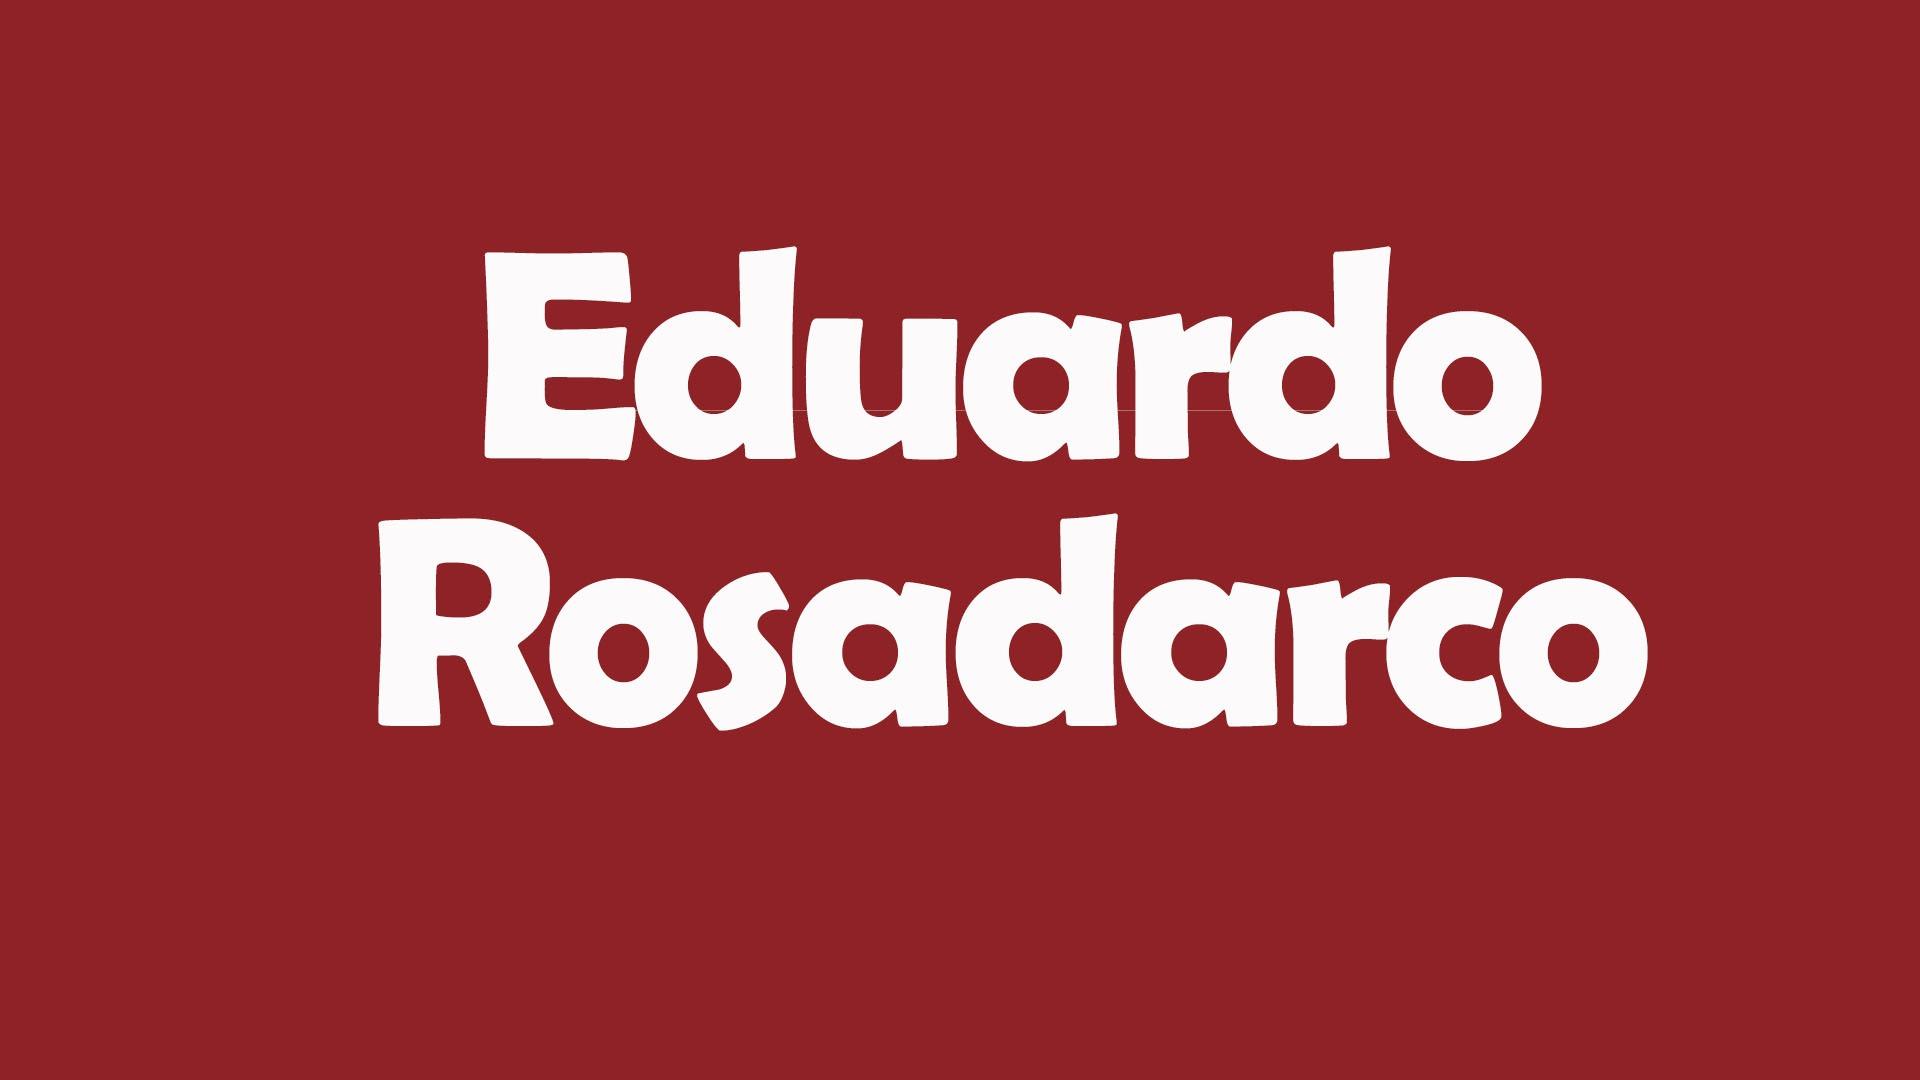 EDUARDO ROSADARCO